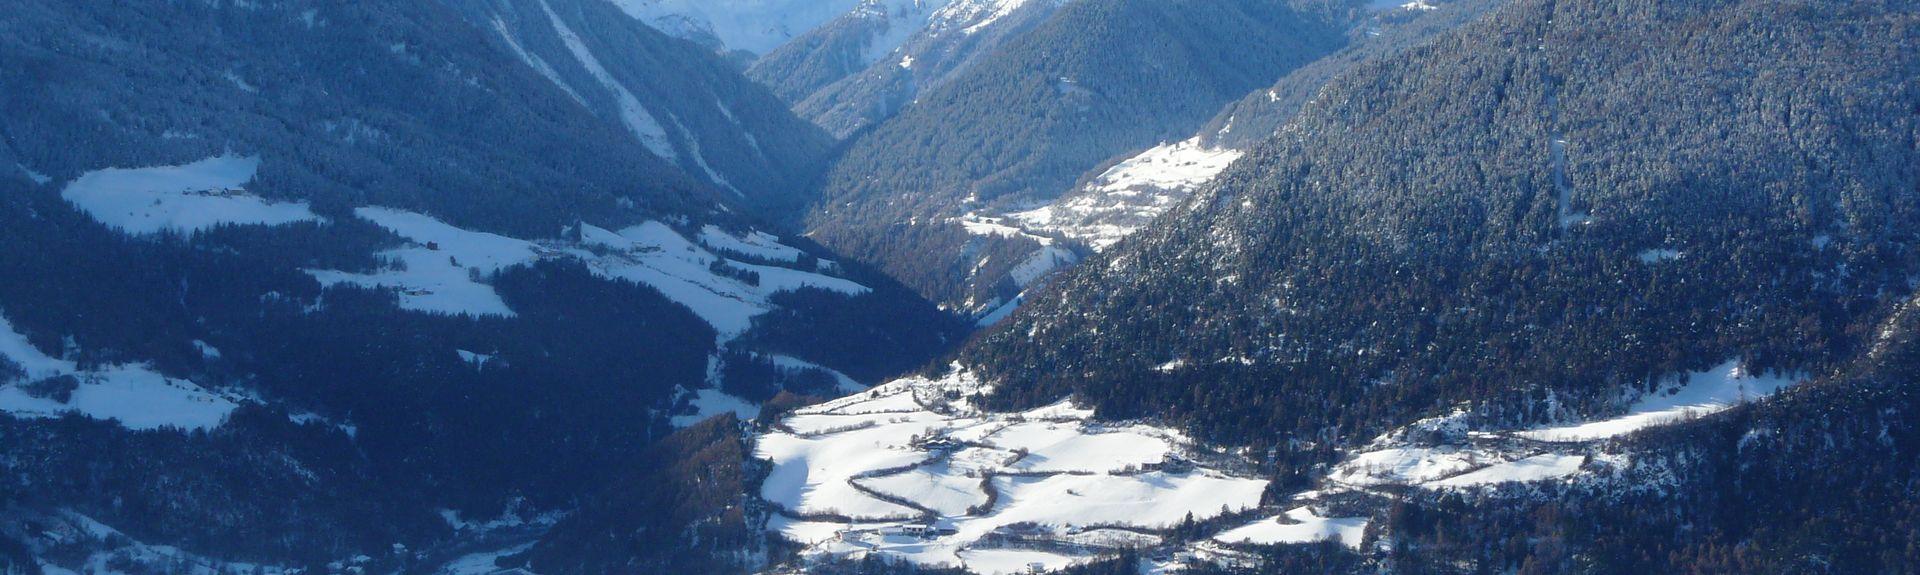 Malles Venosta, Trentin-Haut-Adige, Italie